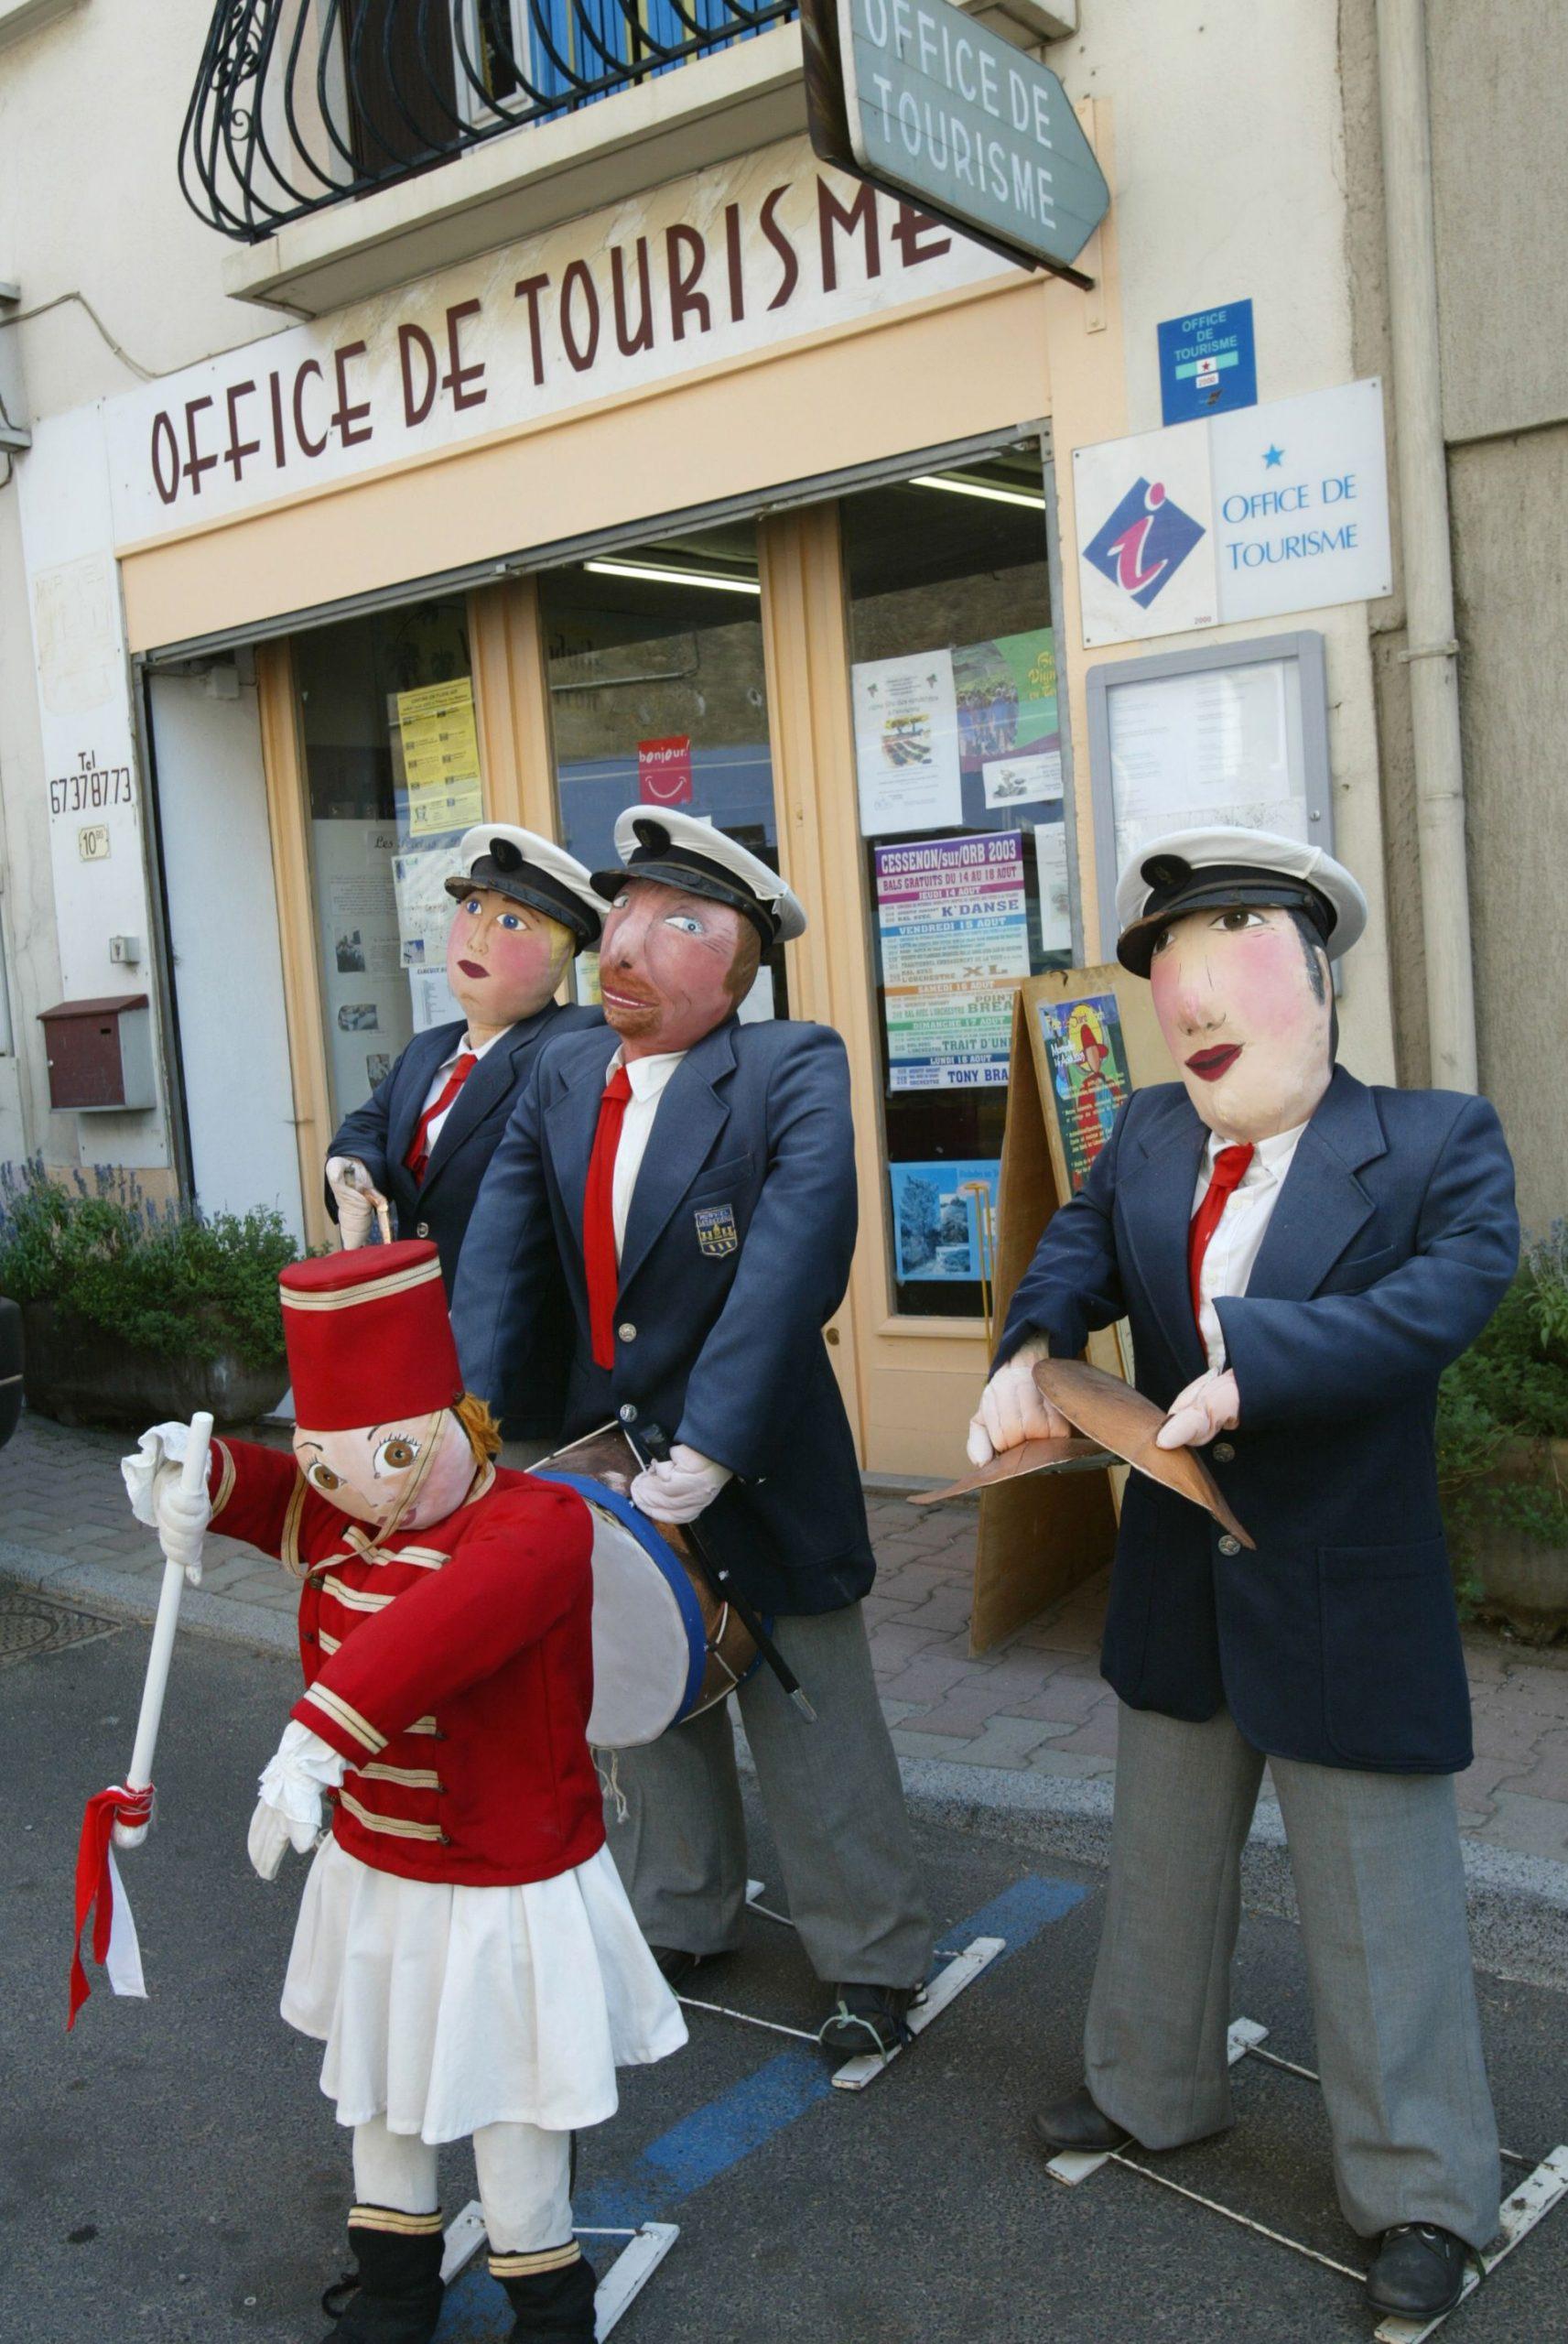 Petetas de Murviel Lès Béziers - Groupe de 4 poupées de chiffons représentant une fanfare devant l'Office de Tourisme